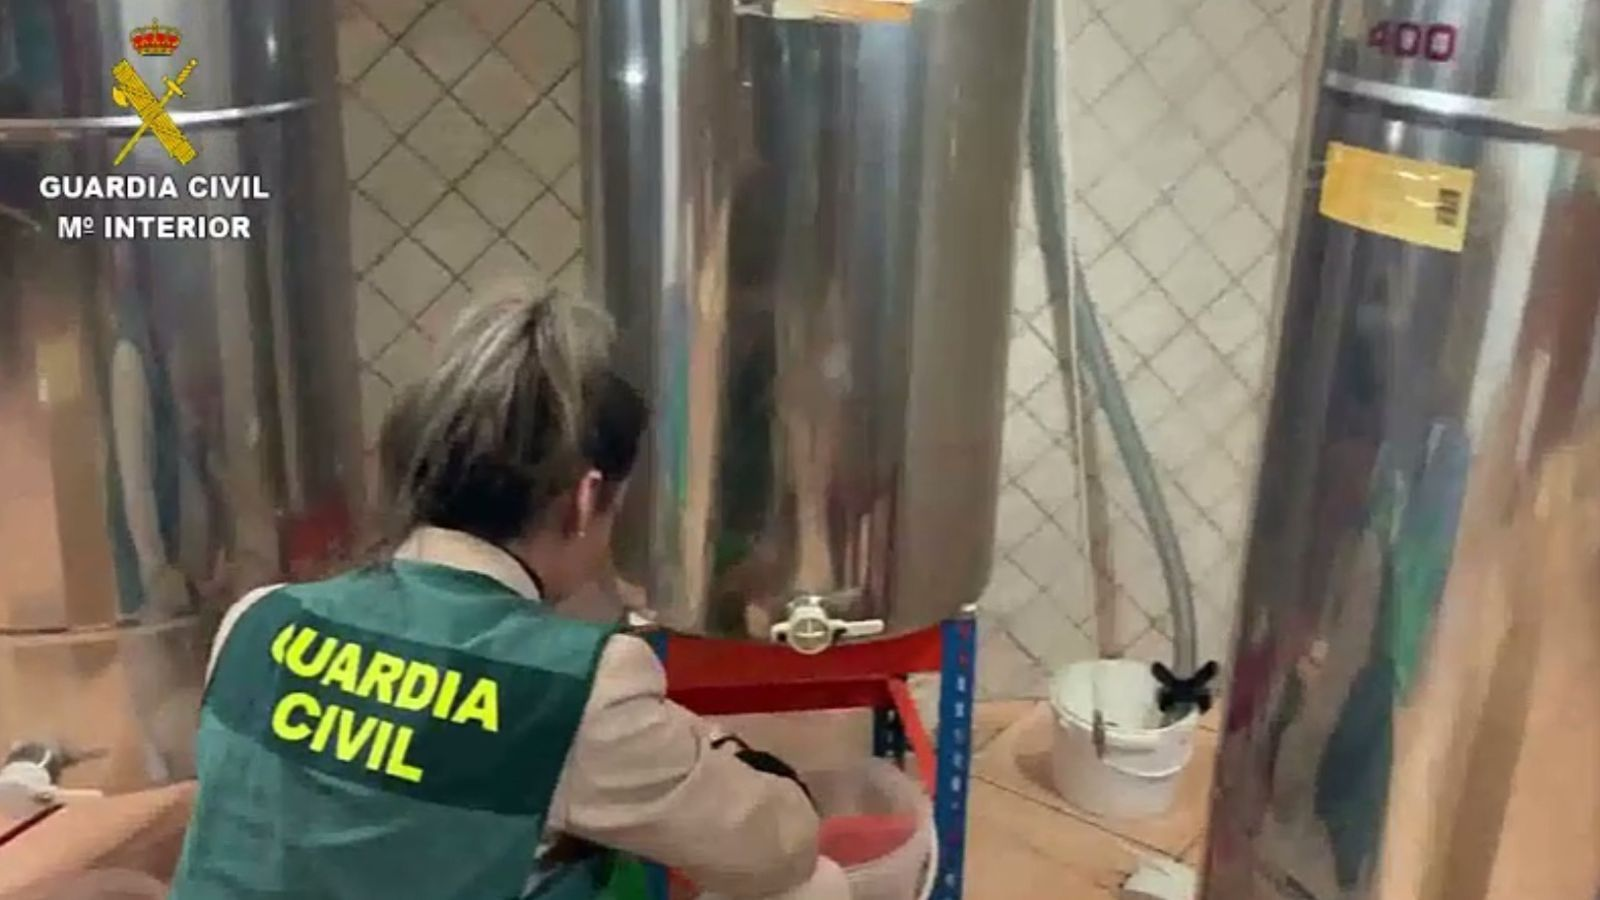 Una agent de la Guàrdia Civil durant la la inspecció al magatzem on envasaven i etiquetaven la mel.